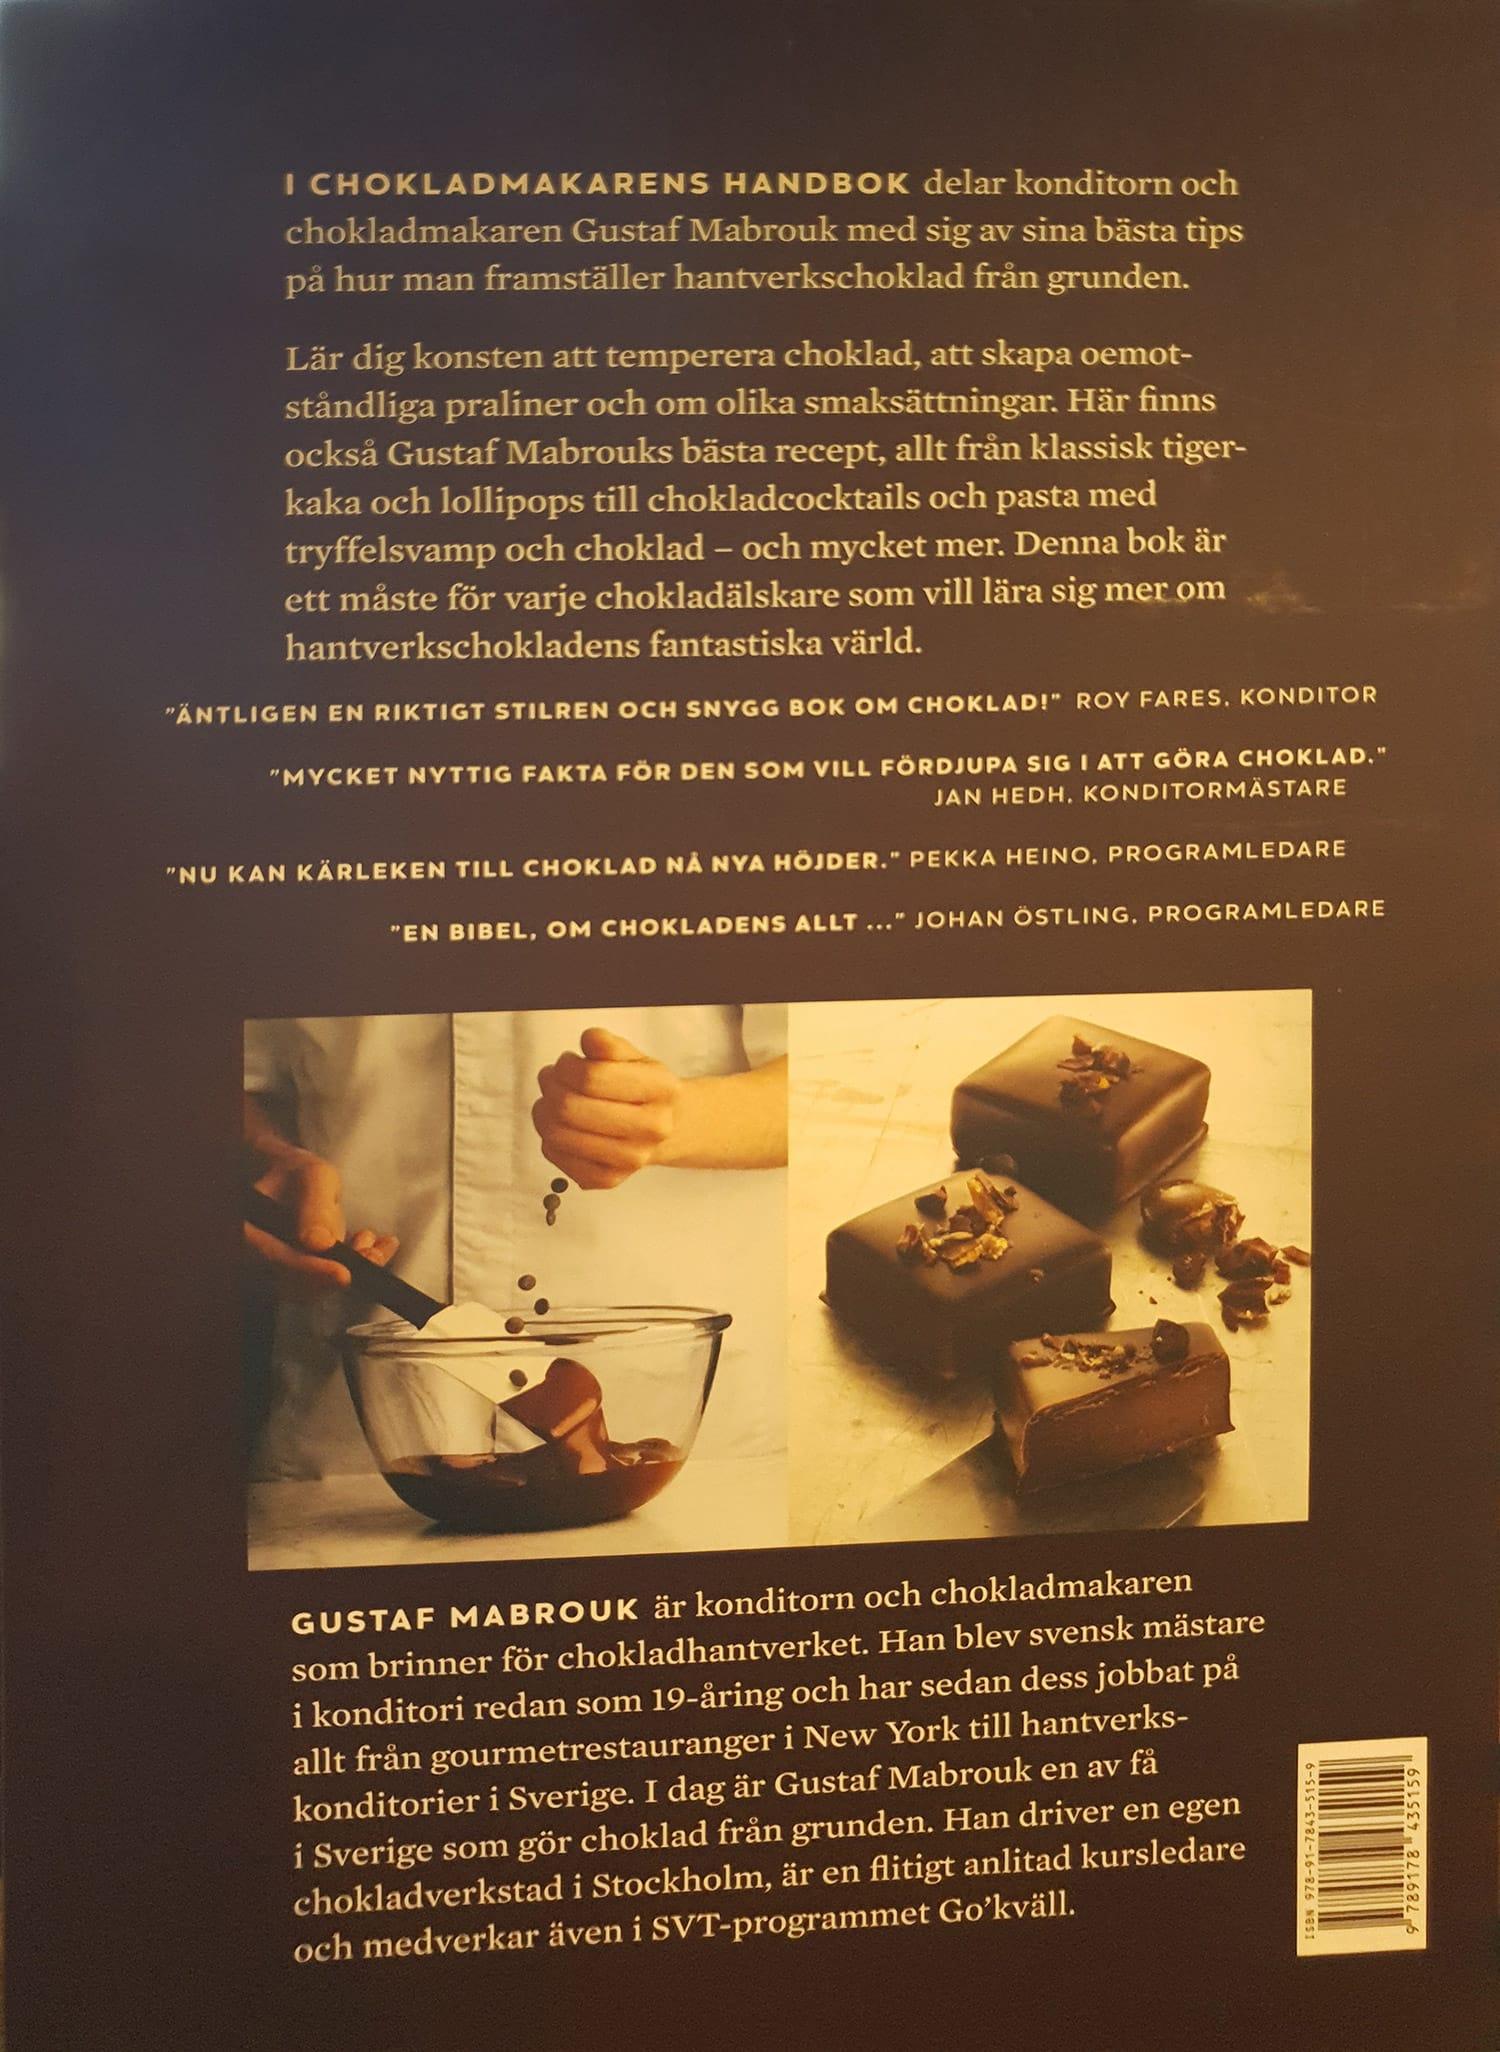 Chokladmakarens handbok-baksidan